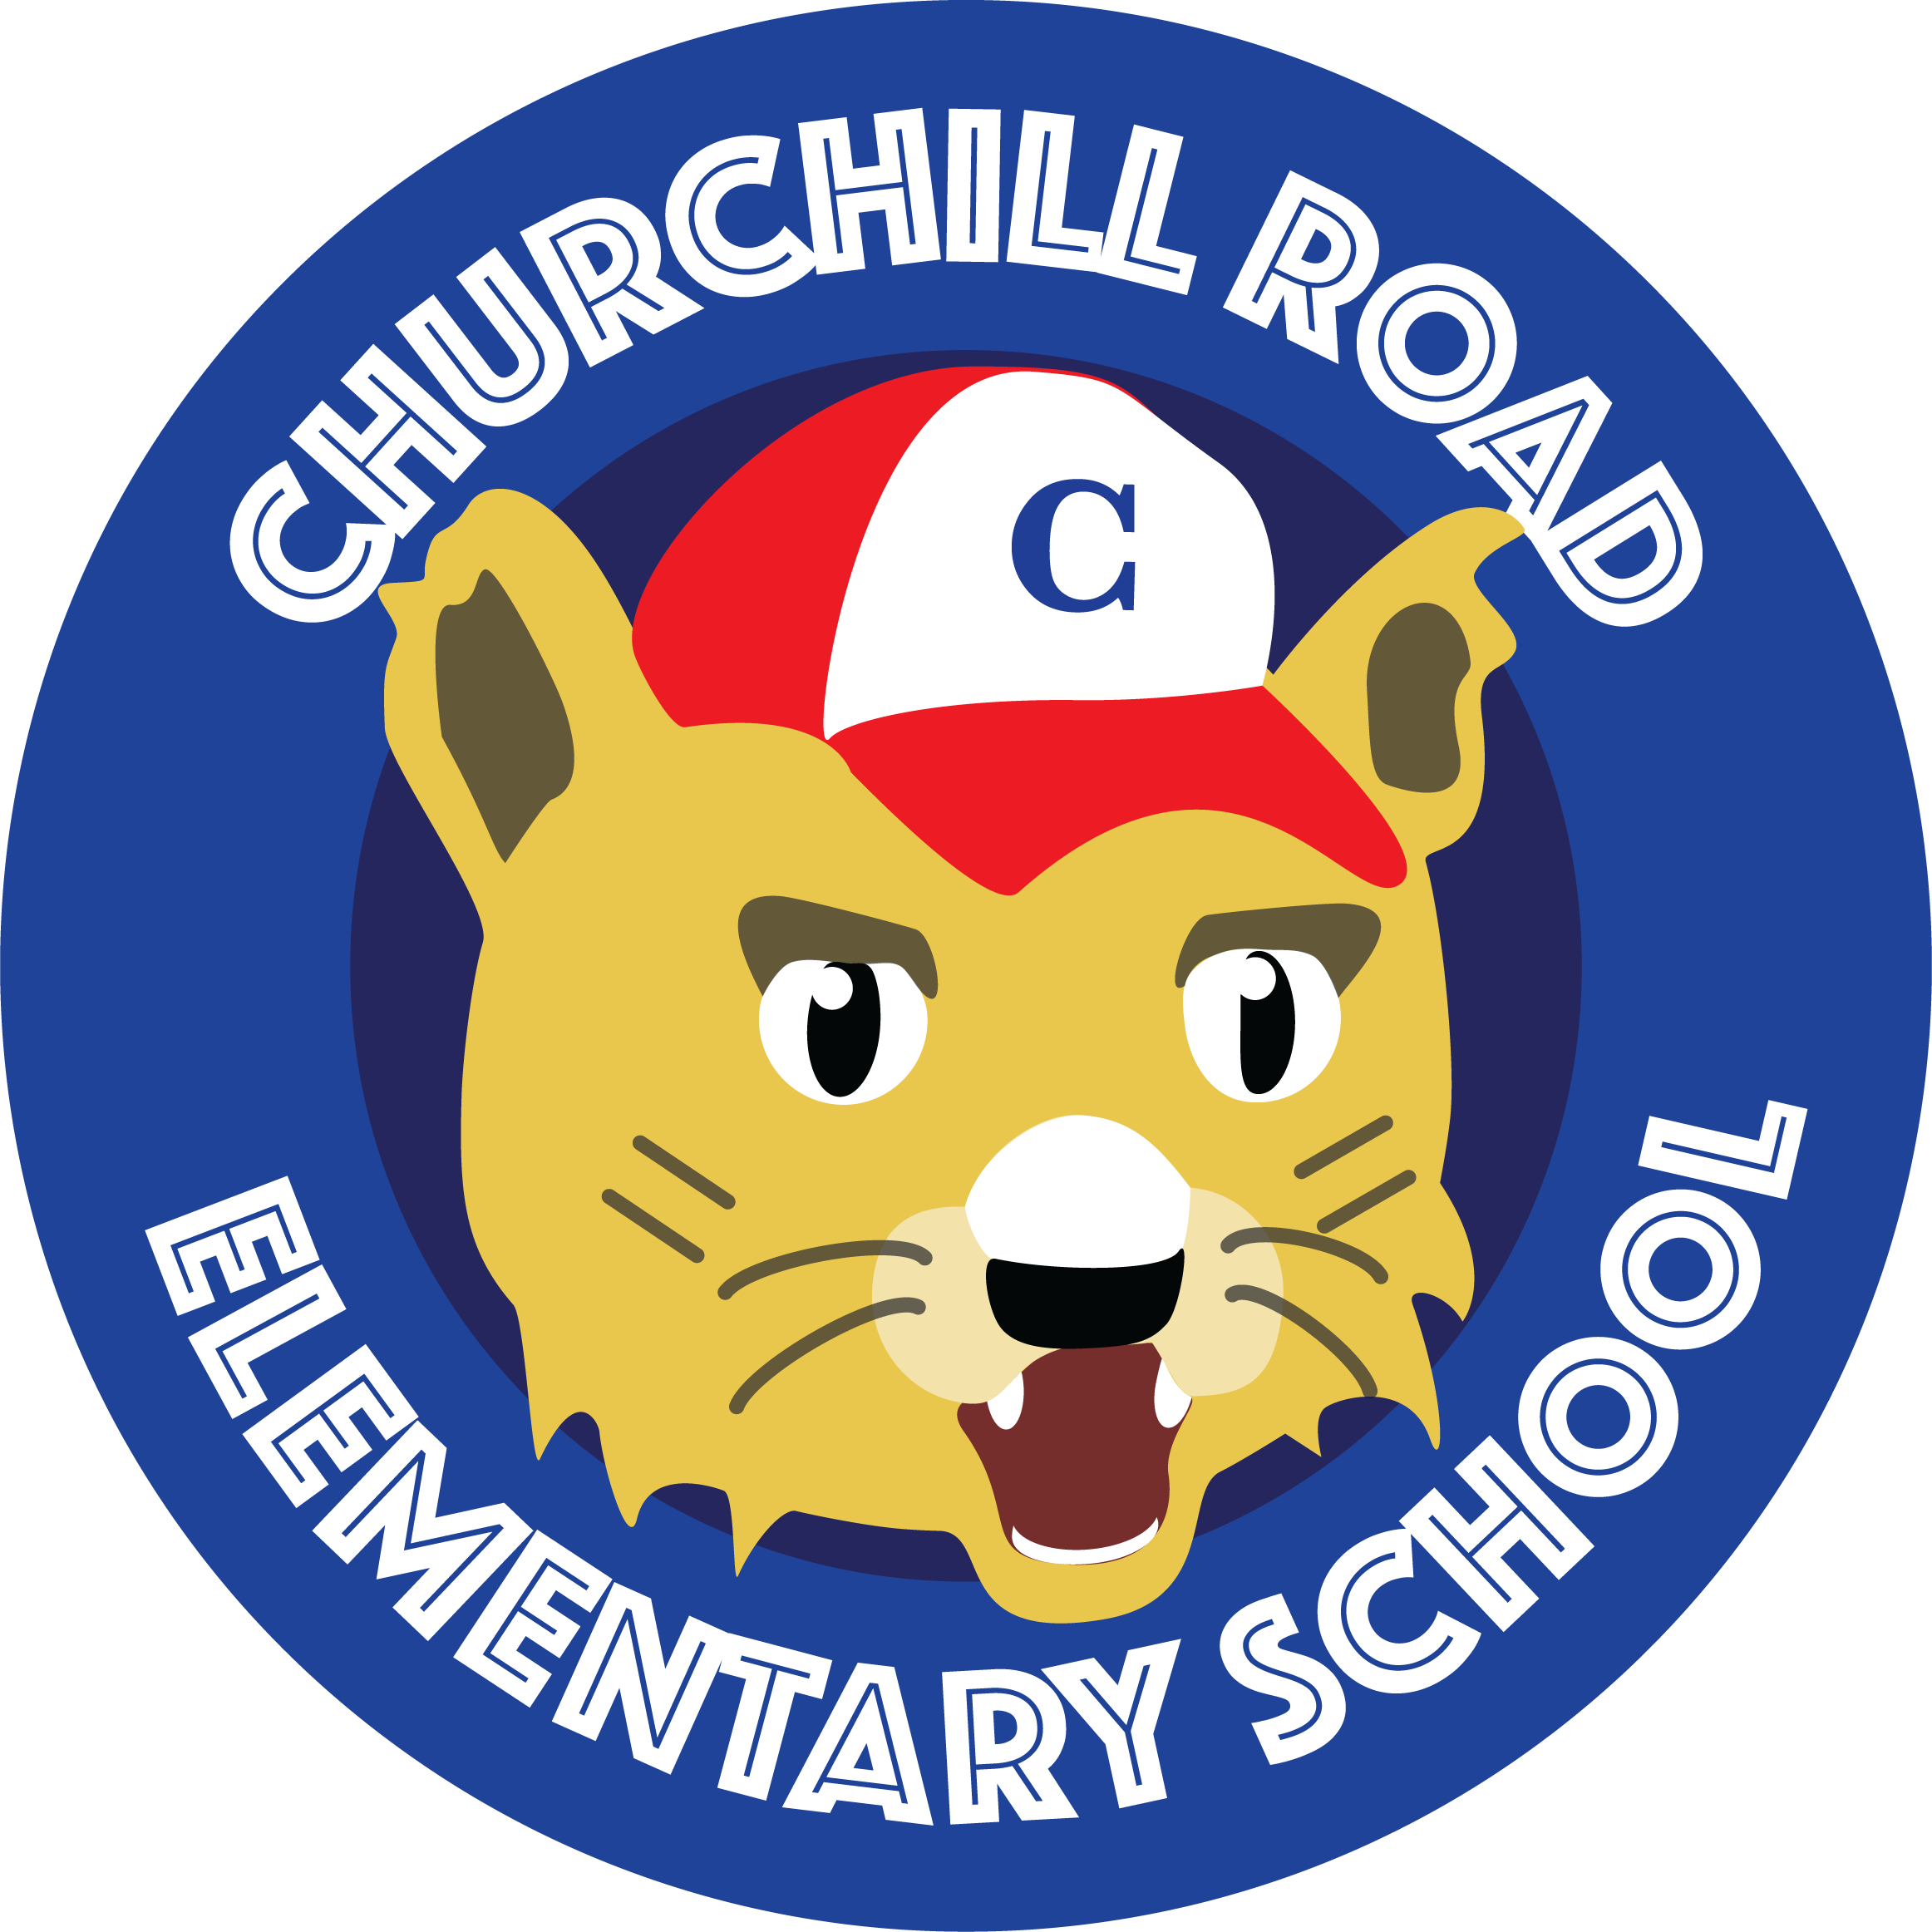 Special education churchill road. Newsletter clipart grade school